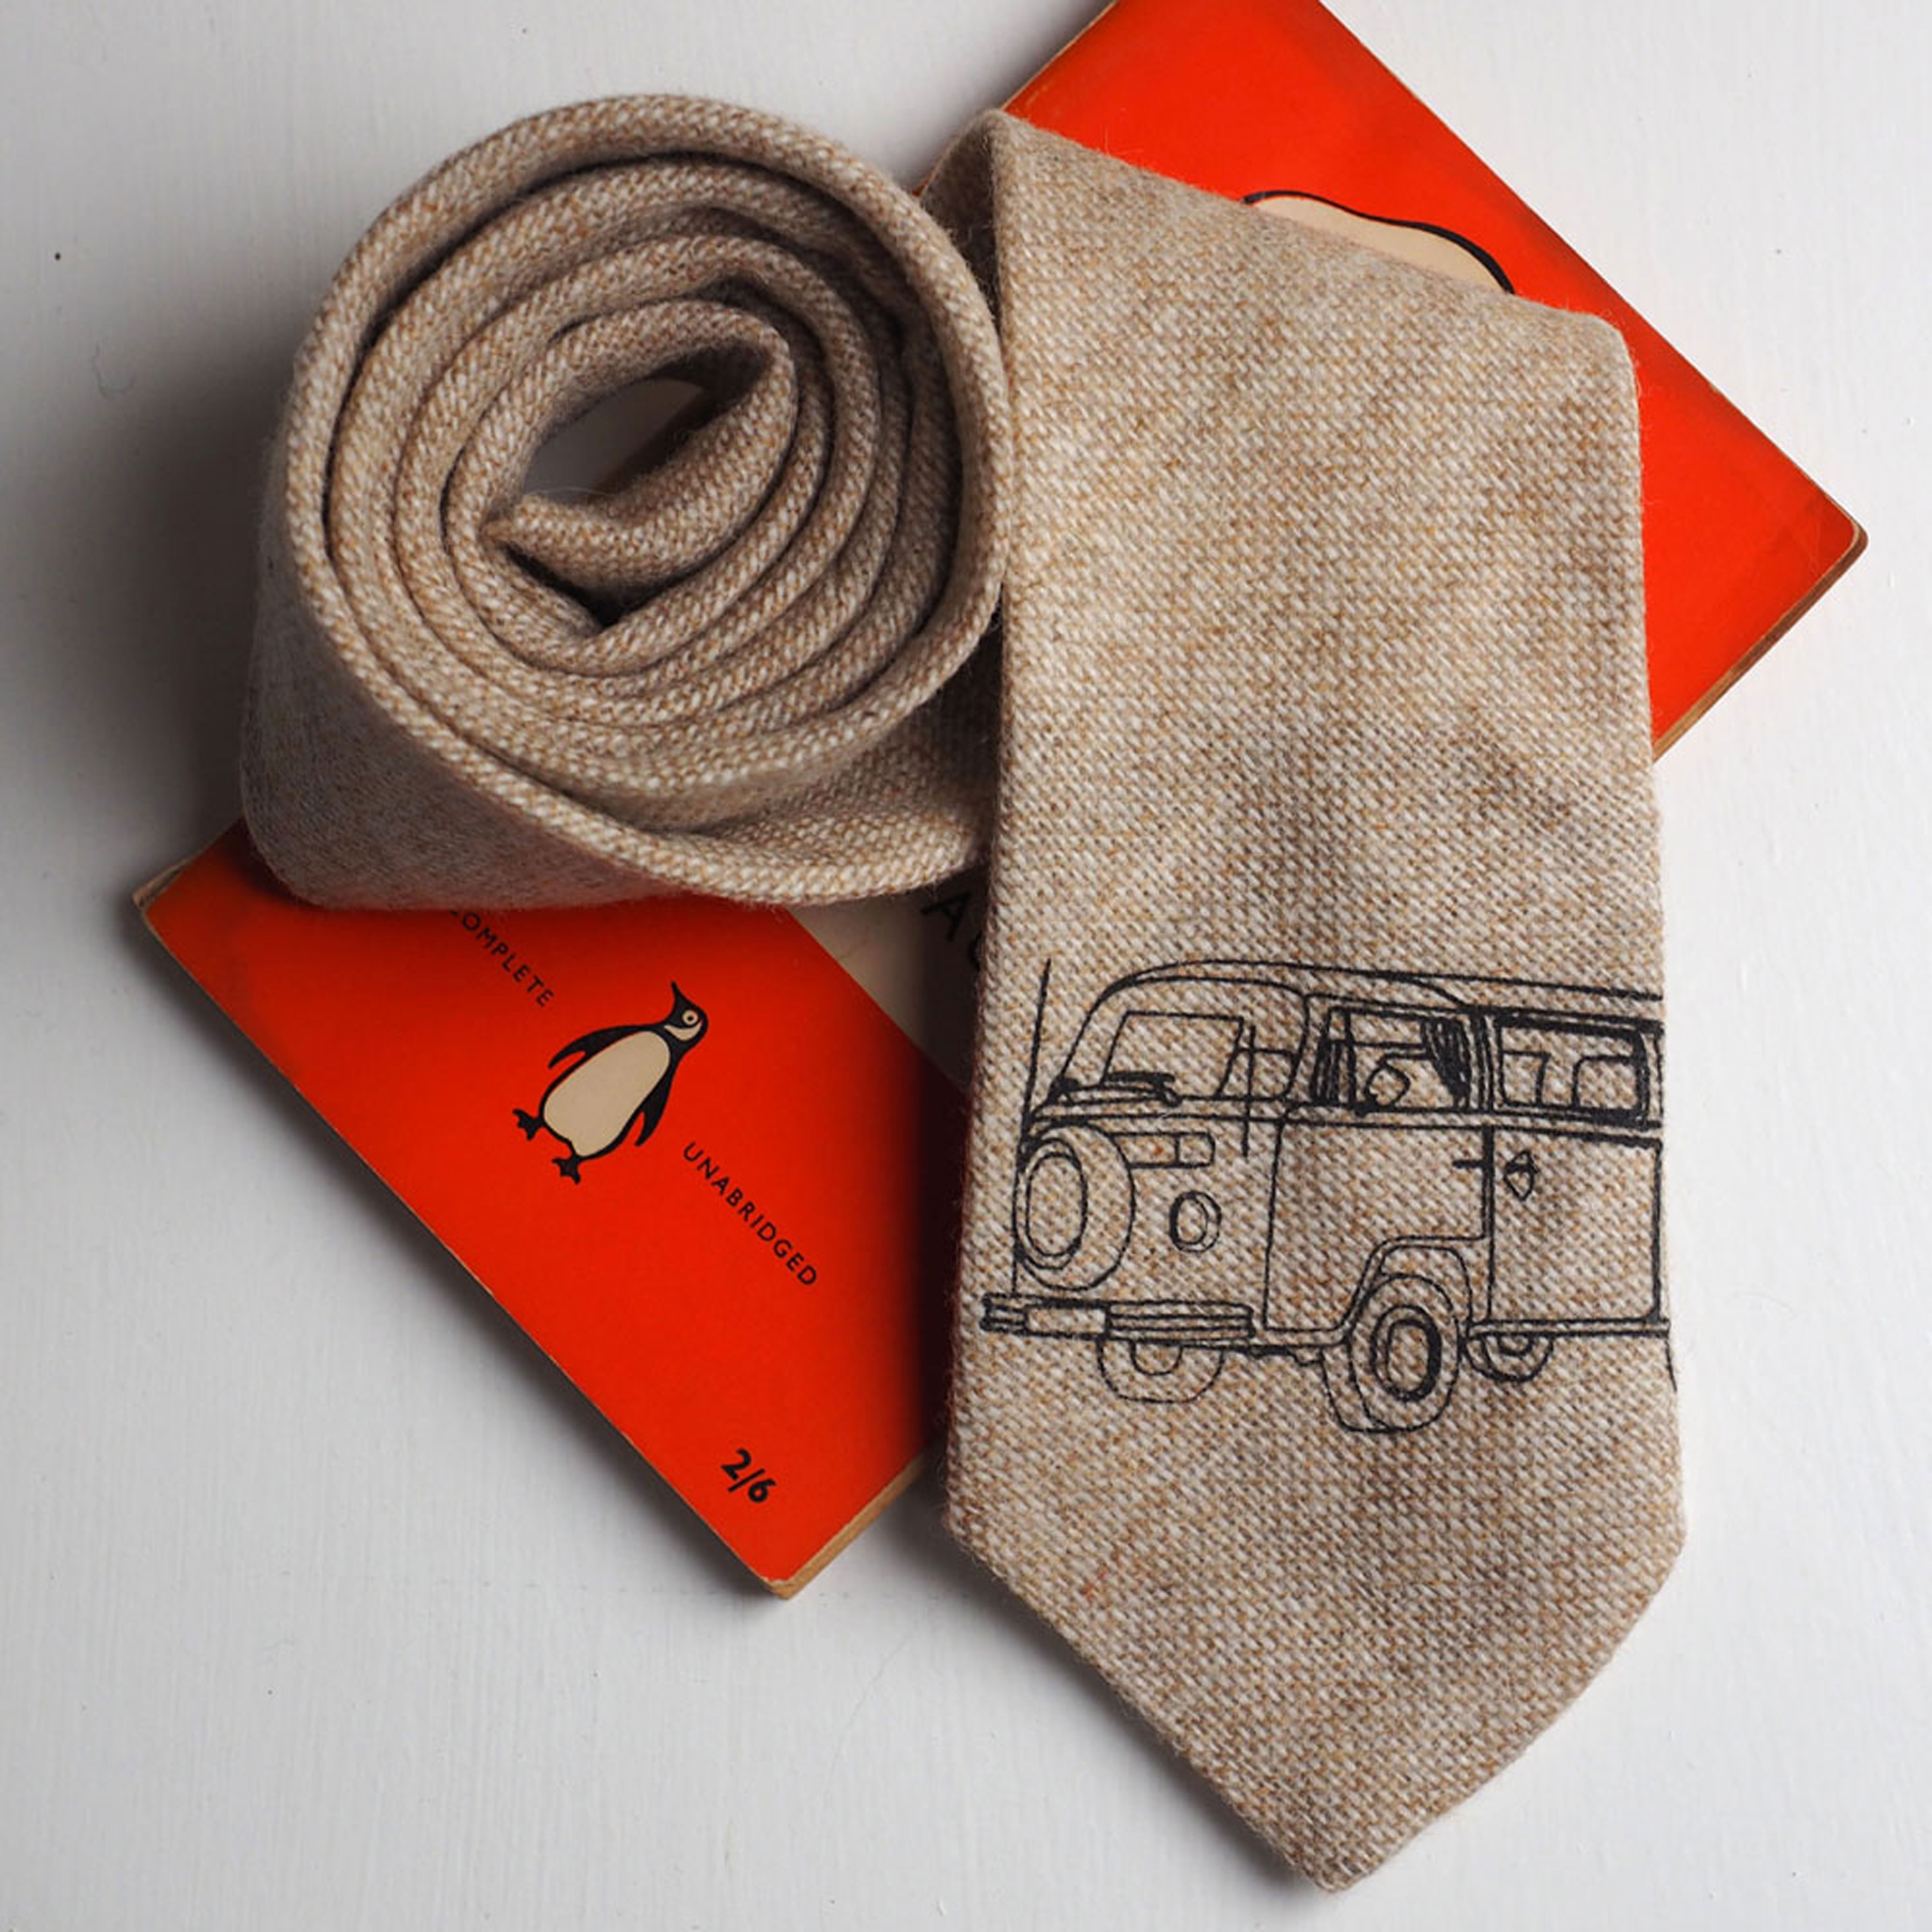 corbata vintage, regalos retro, regalos hombre, navidad, amigo invisible, regalos para papa